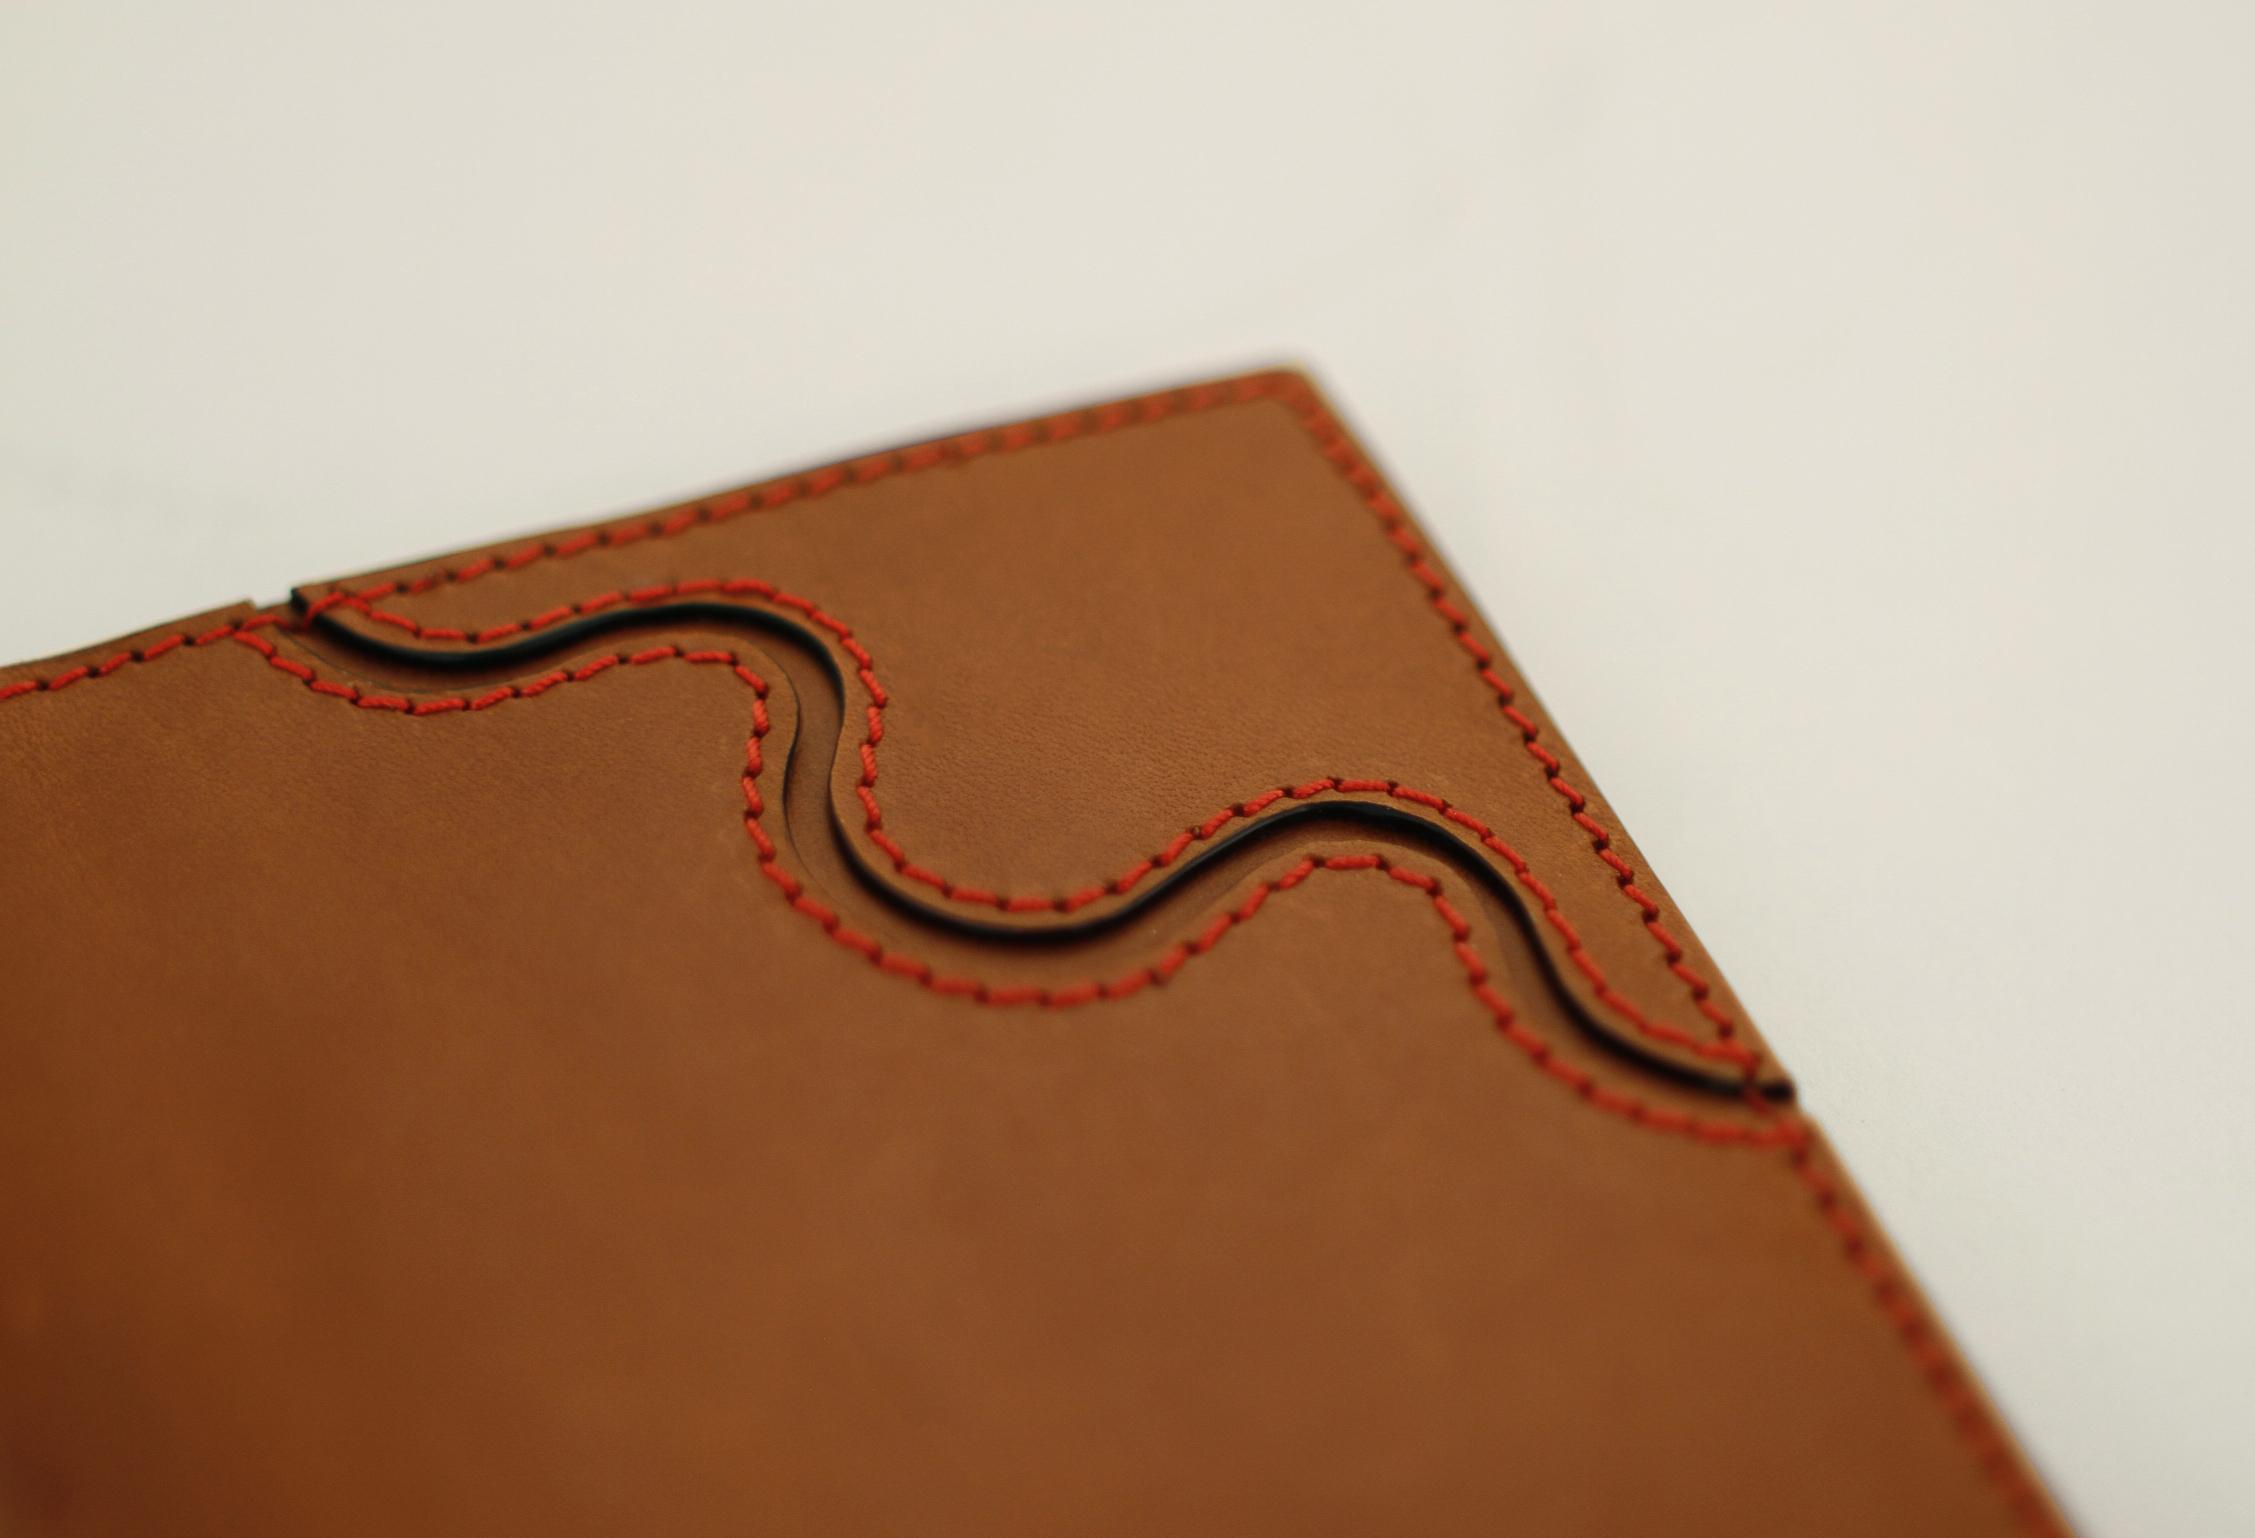 Passport Book in Veg Tan Brown Coral